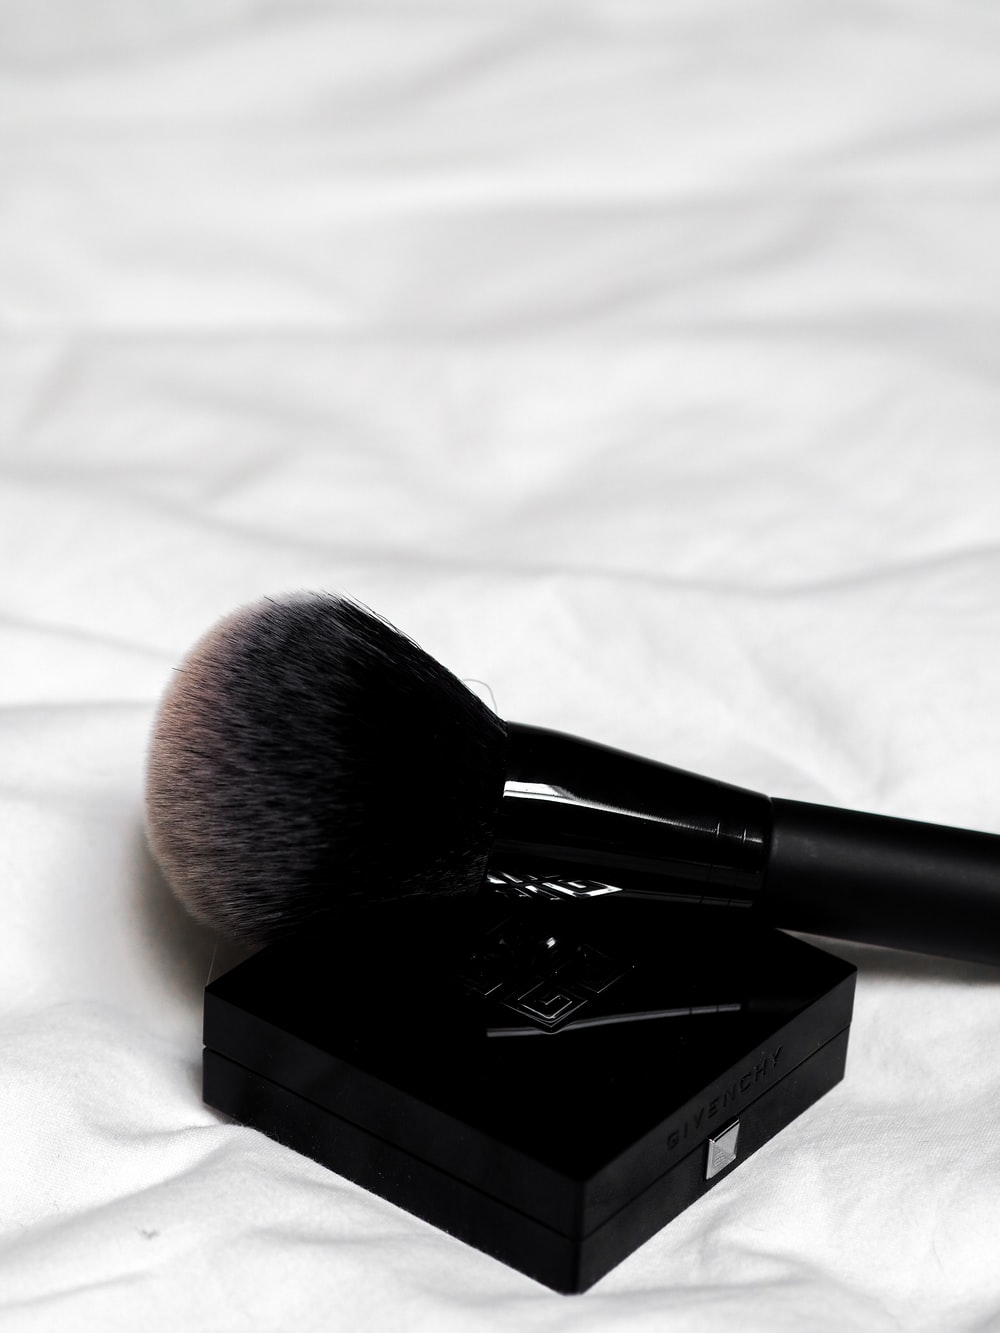 black make up brush on white textile